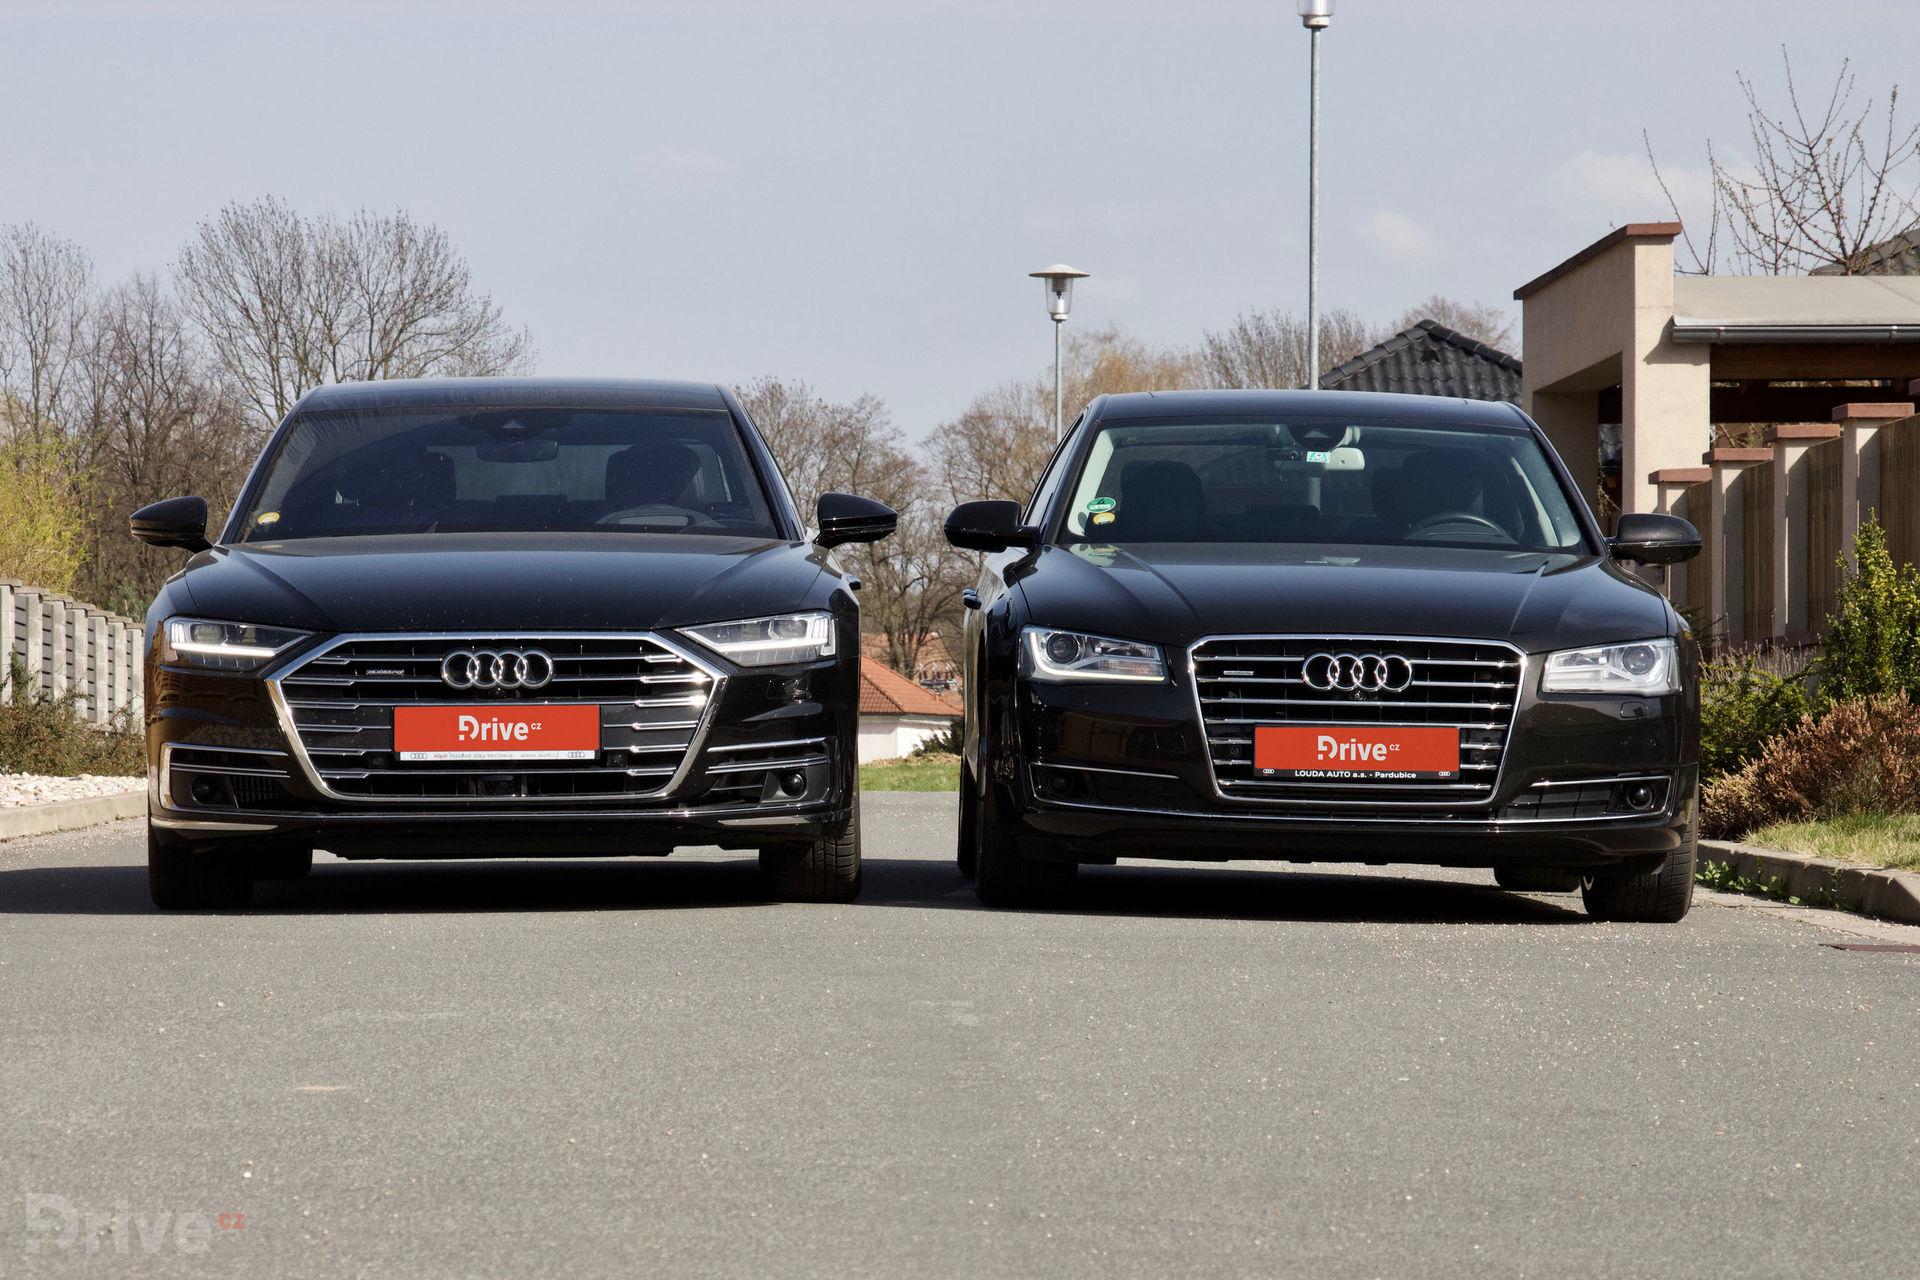 Audi A8 (2017) vs Audi A8 (2010)